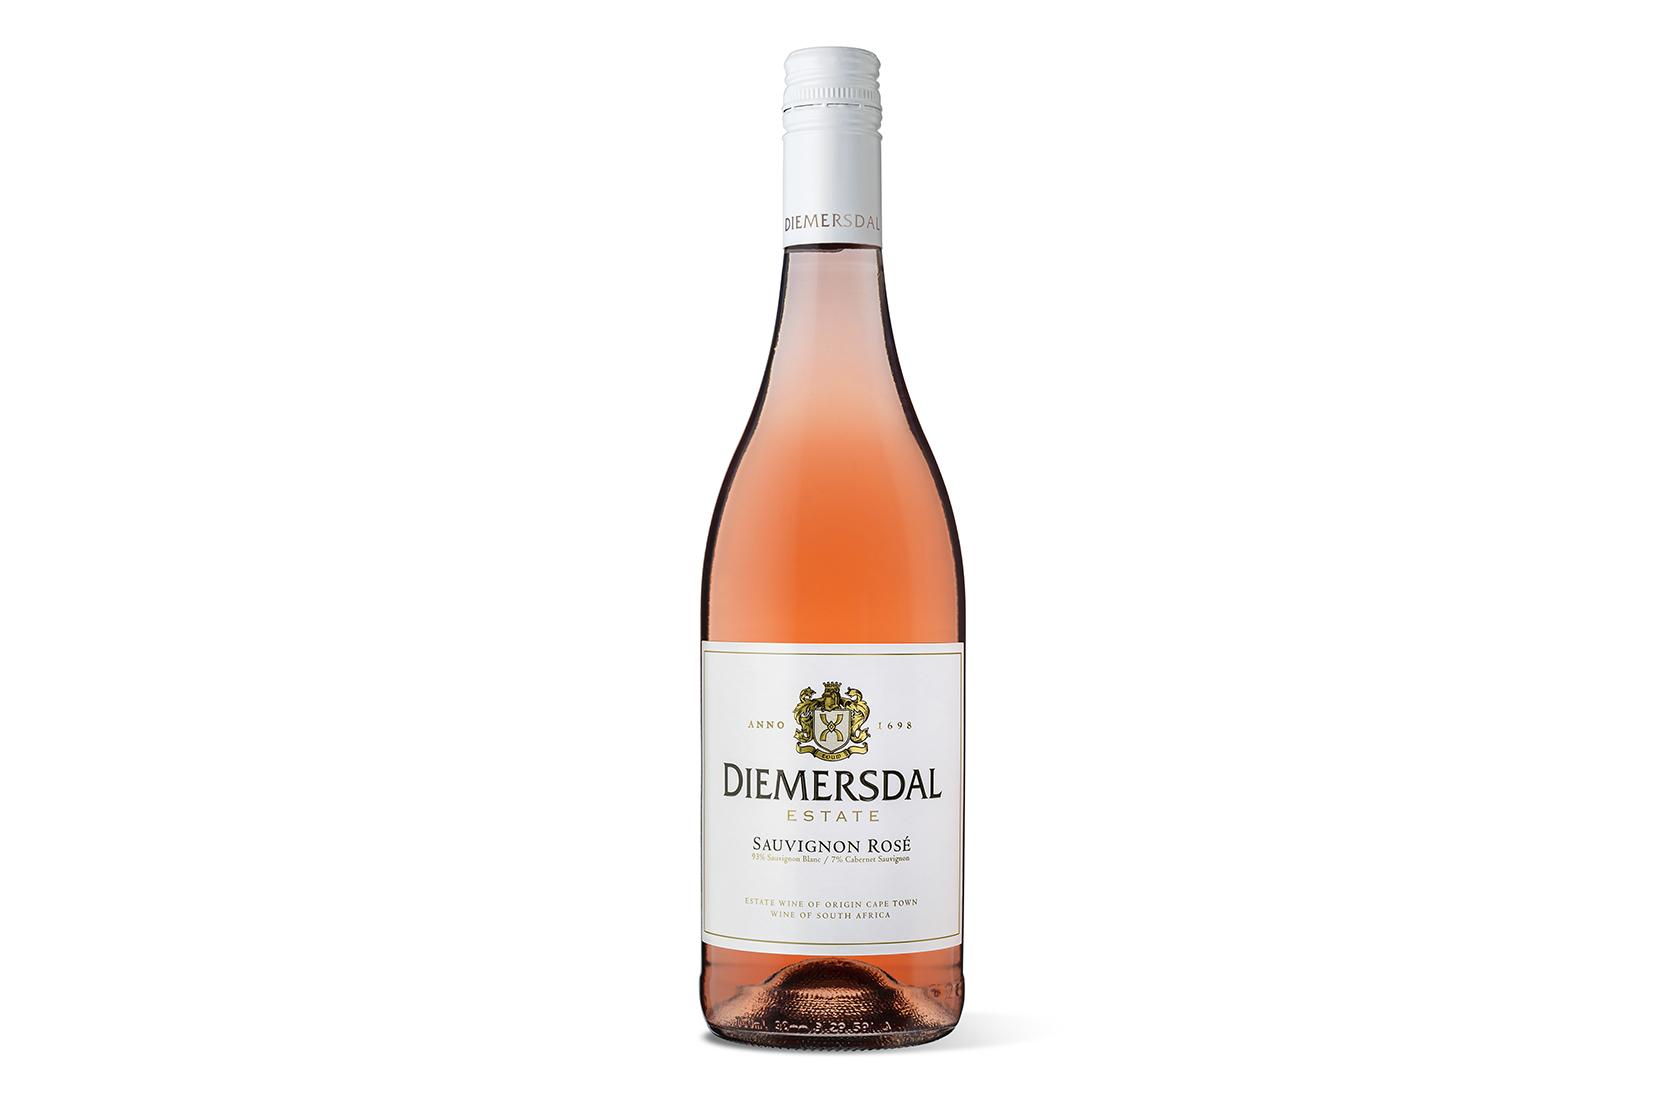 Diemersdal Sauvignon Rosé 2021